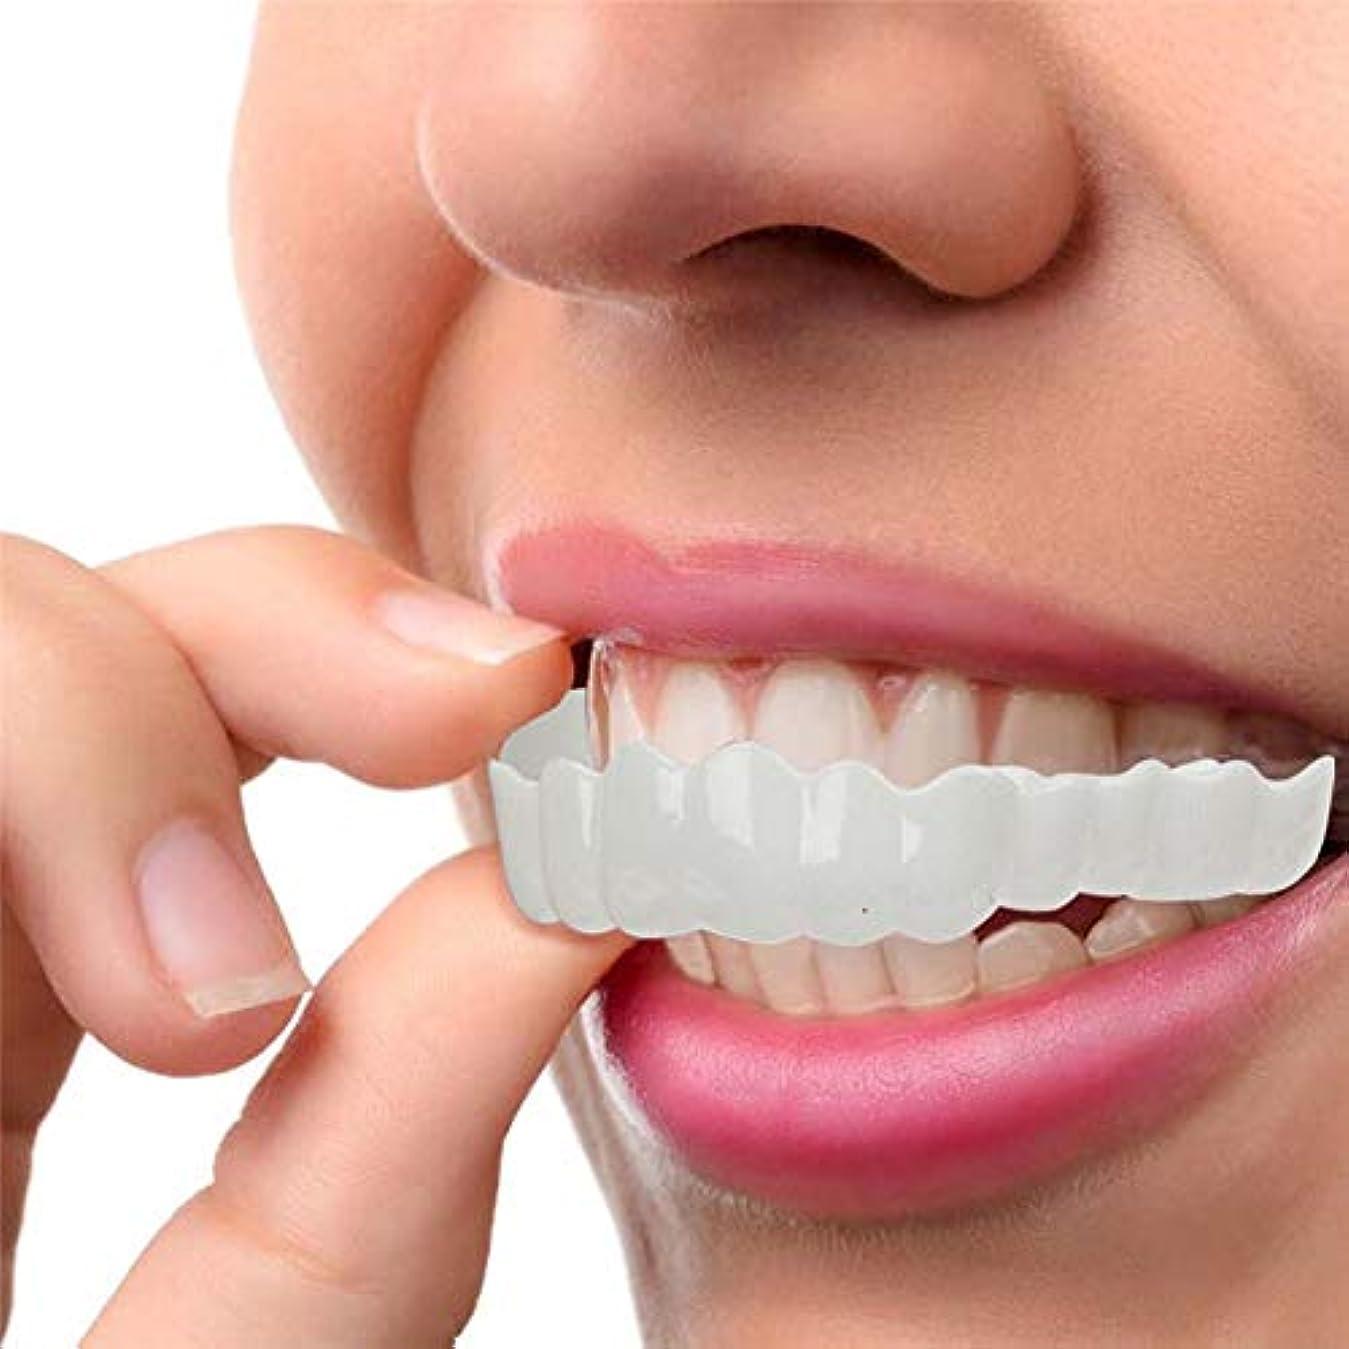 マザーランド幸運な渇き2セット、白い歯をきれいにするためのコンフォートフィットフレックス歯ソケット、化粧品の歯、スーパーコンフォート、コンフォートフィット